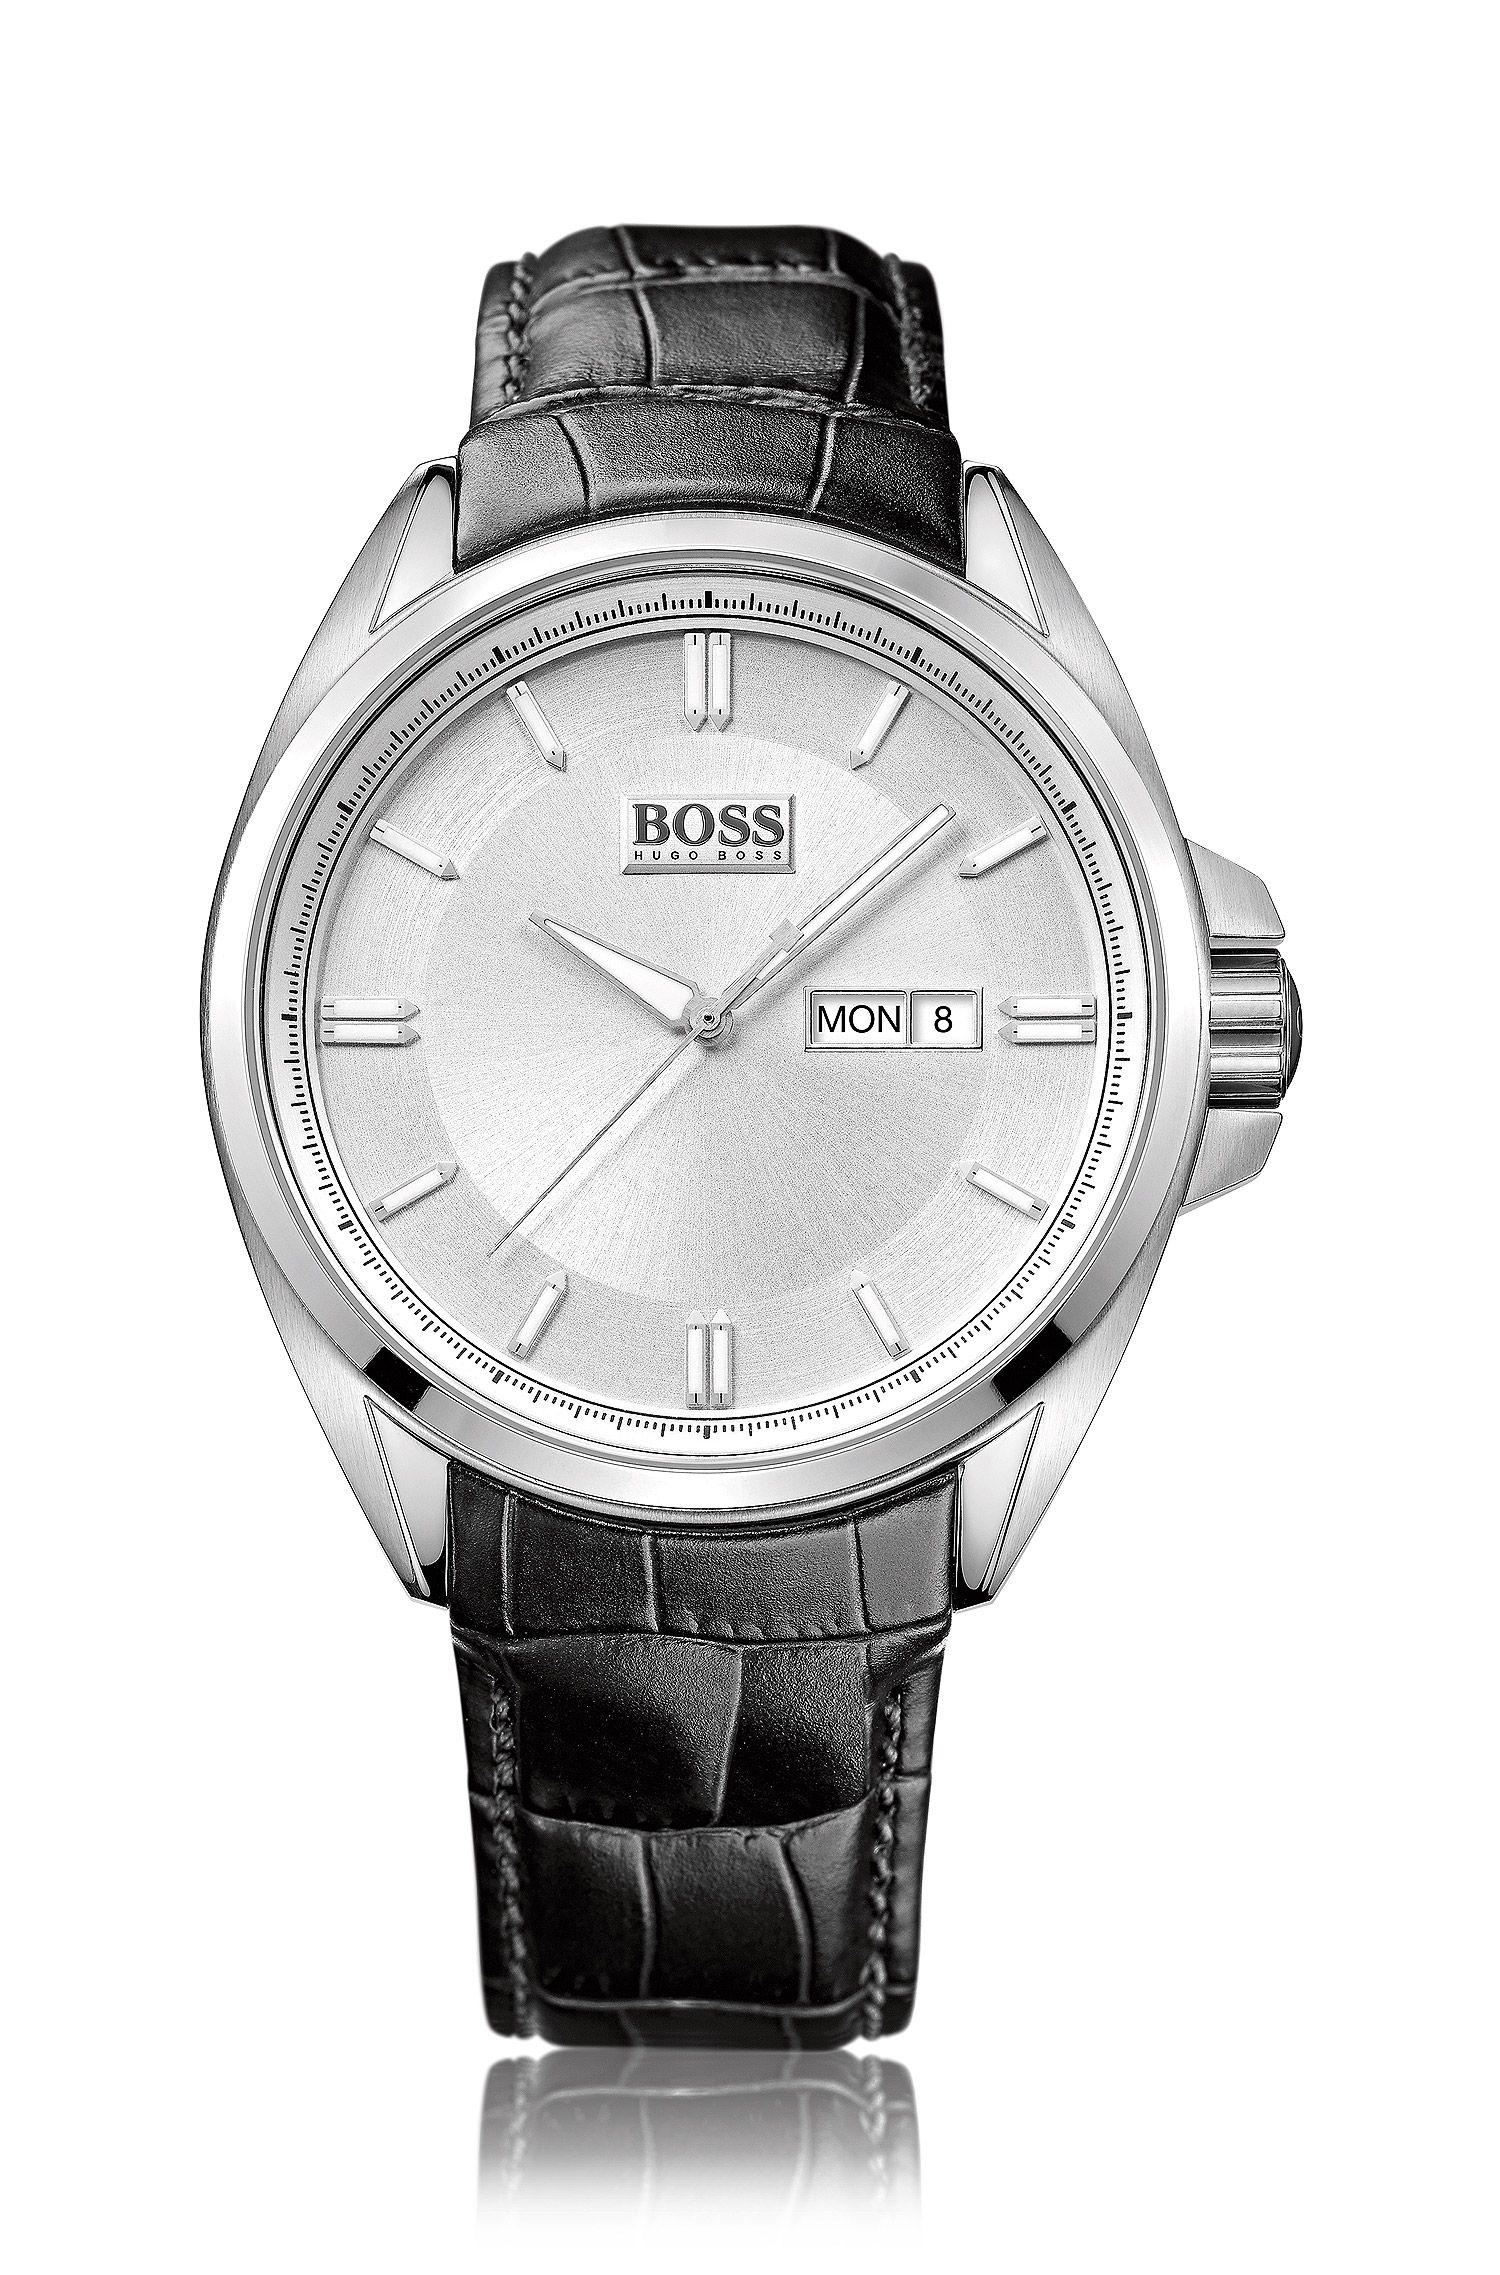 Herren-Armbanduhr ´HB301` mit Edelstahlgehäuse